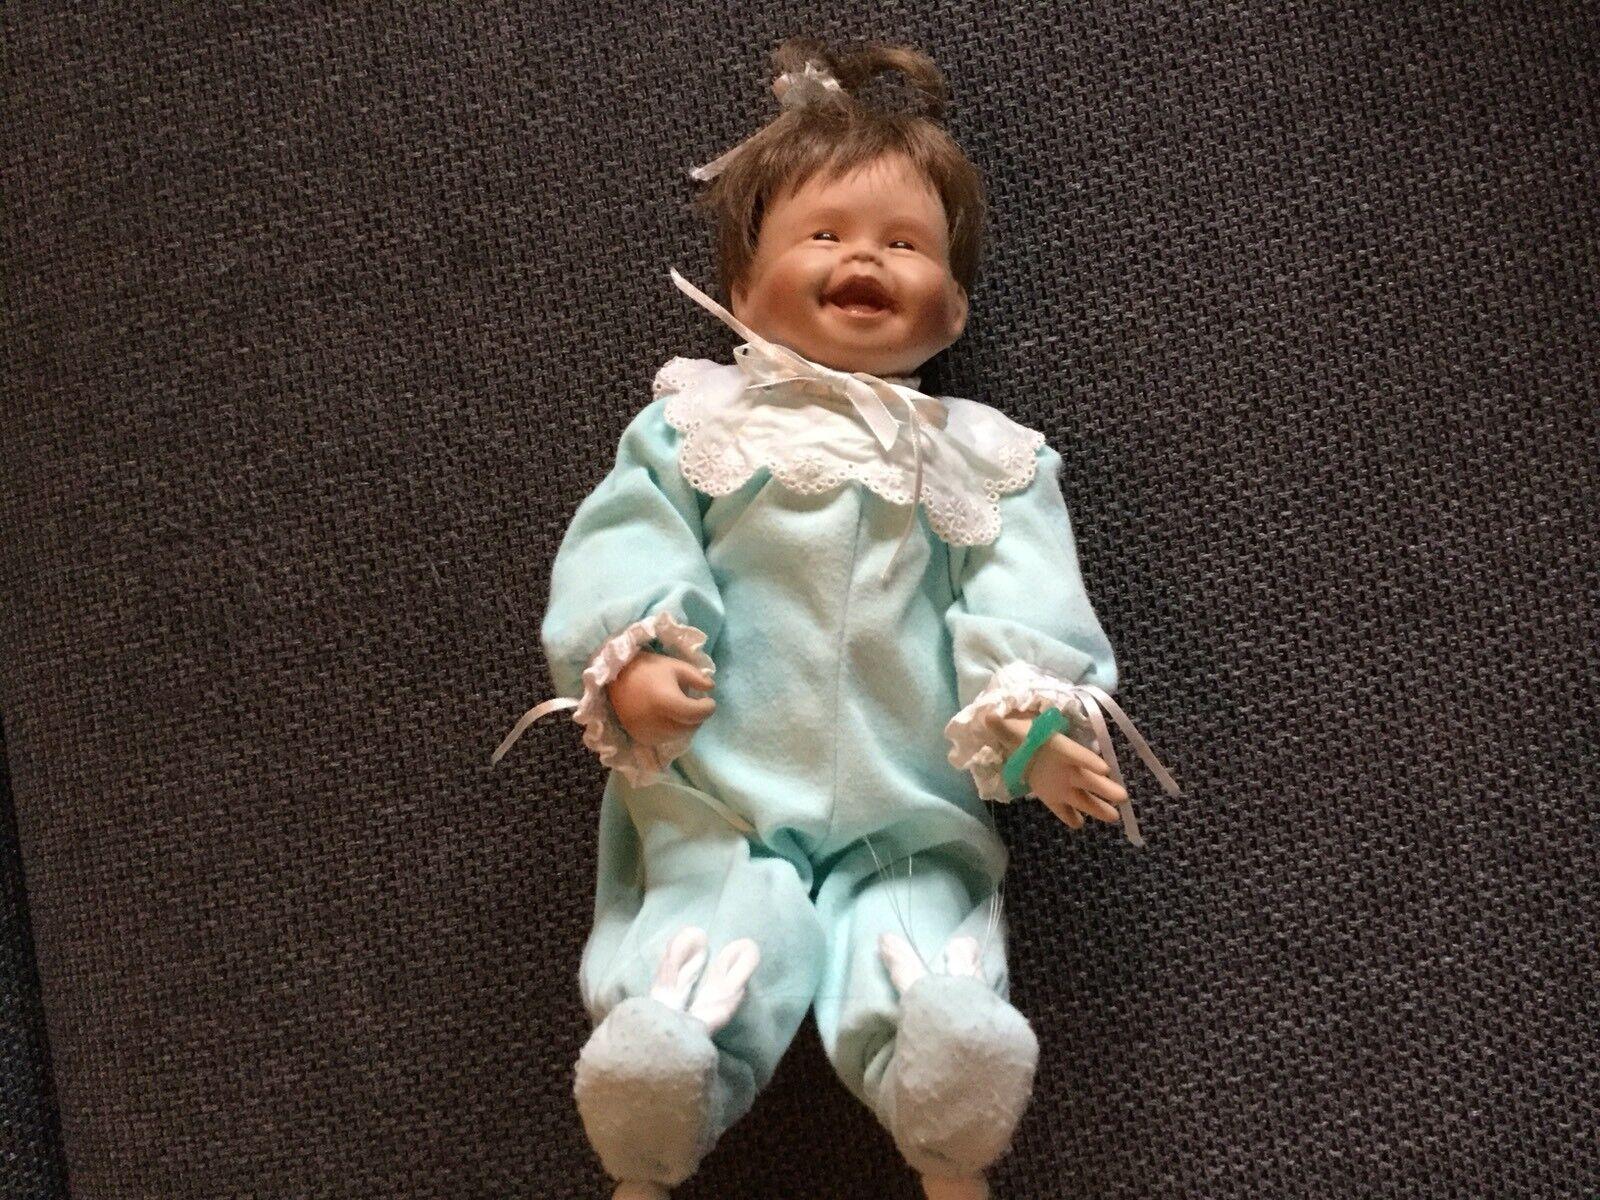 """Porzellanpuppe von Ashton Drake """" Mein Erster Erster Erster Zahn"""" ba7164"""